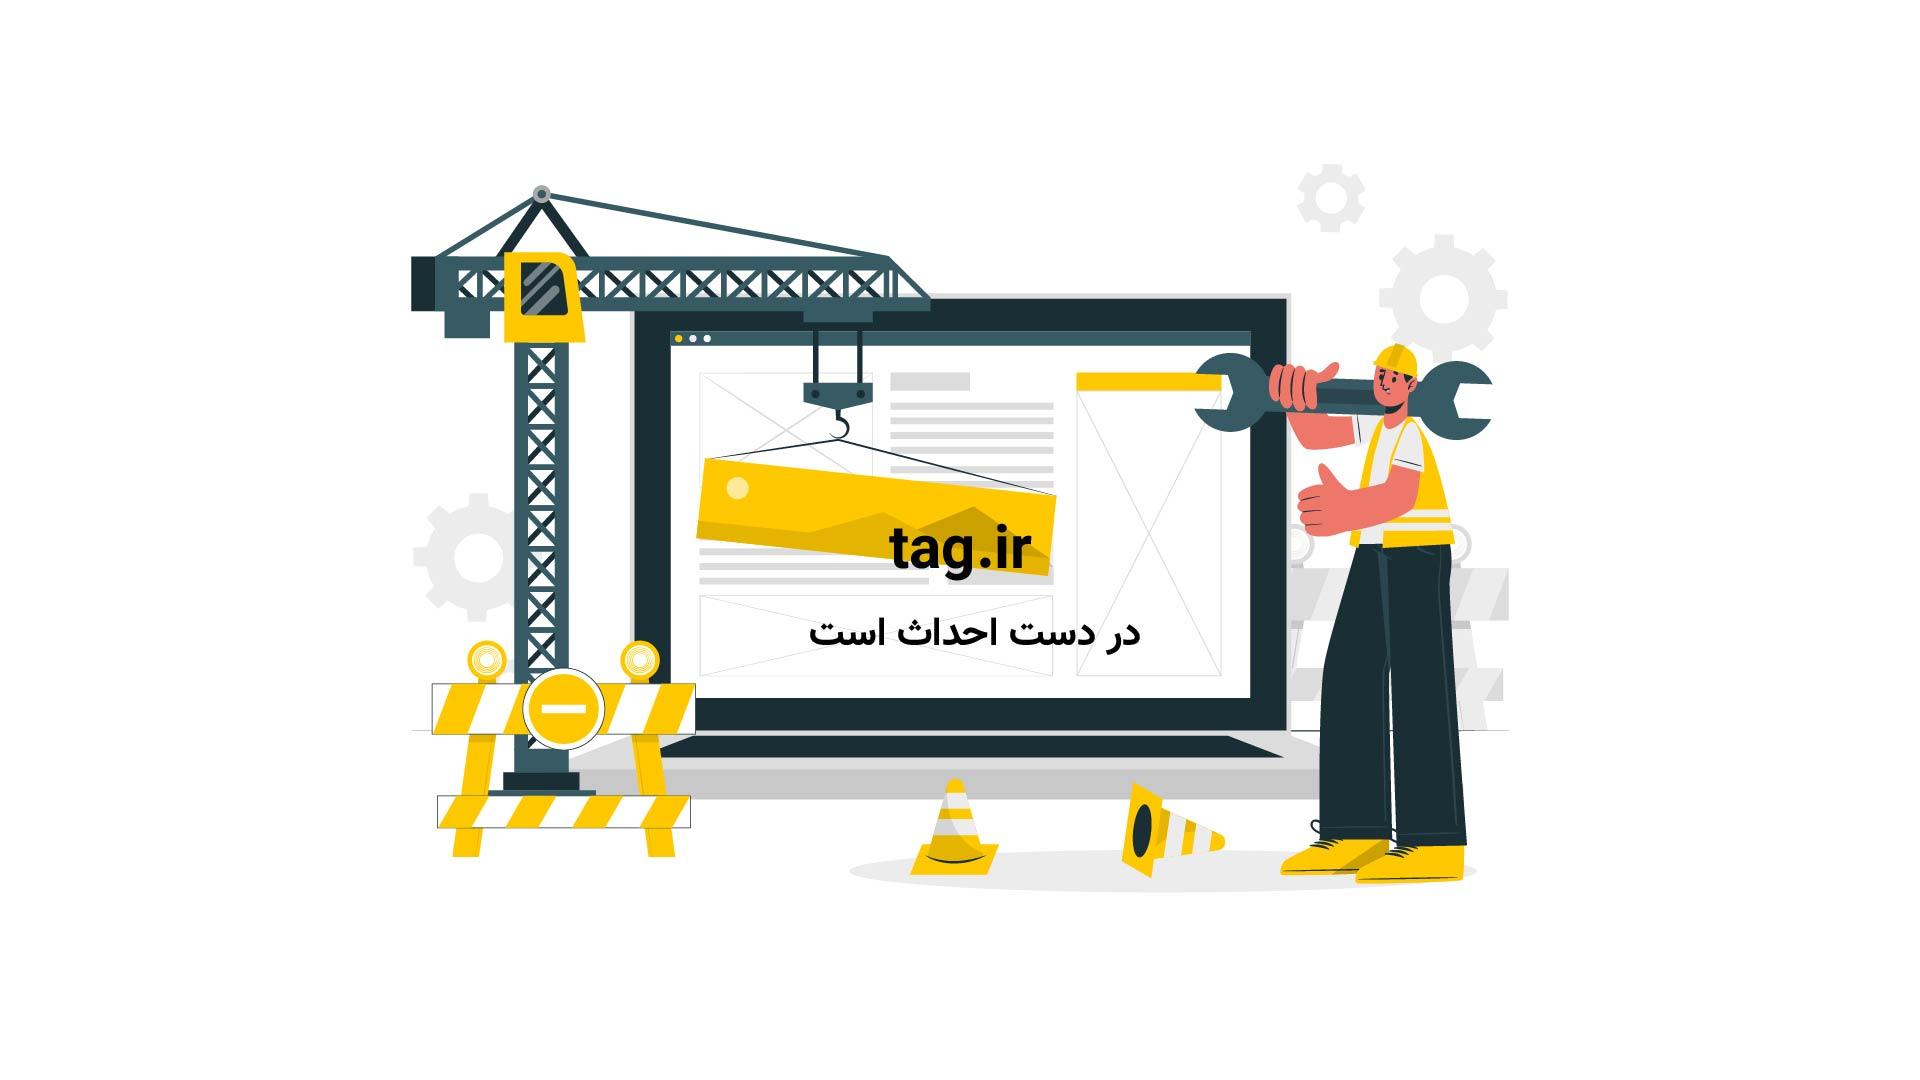 عناوین روزنامههای صبح یکشنبه 9 آبان | فیلم